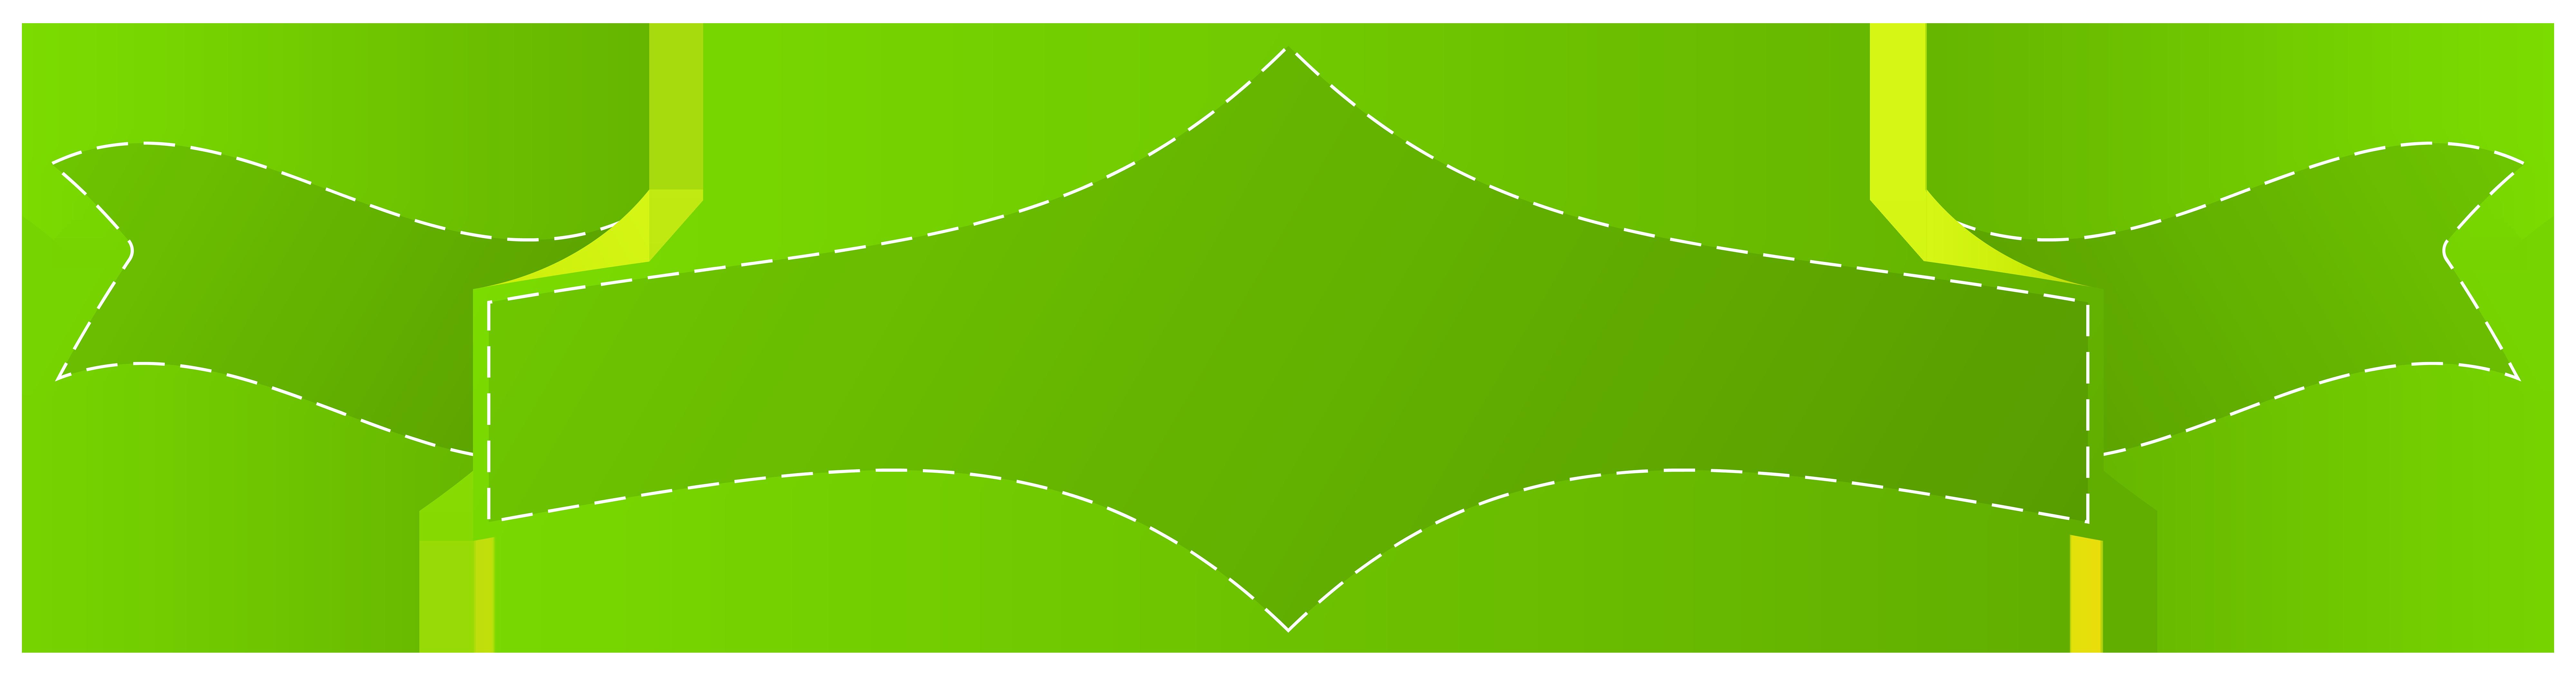 8000x2116 Green Art Banner Transparent Png Clip Art Imageu200b Gallery